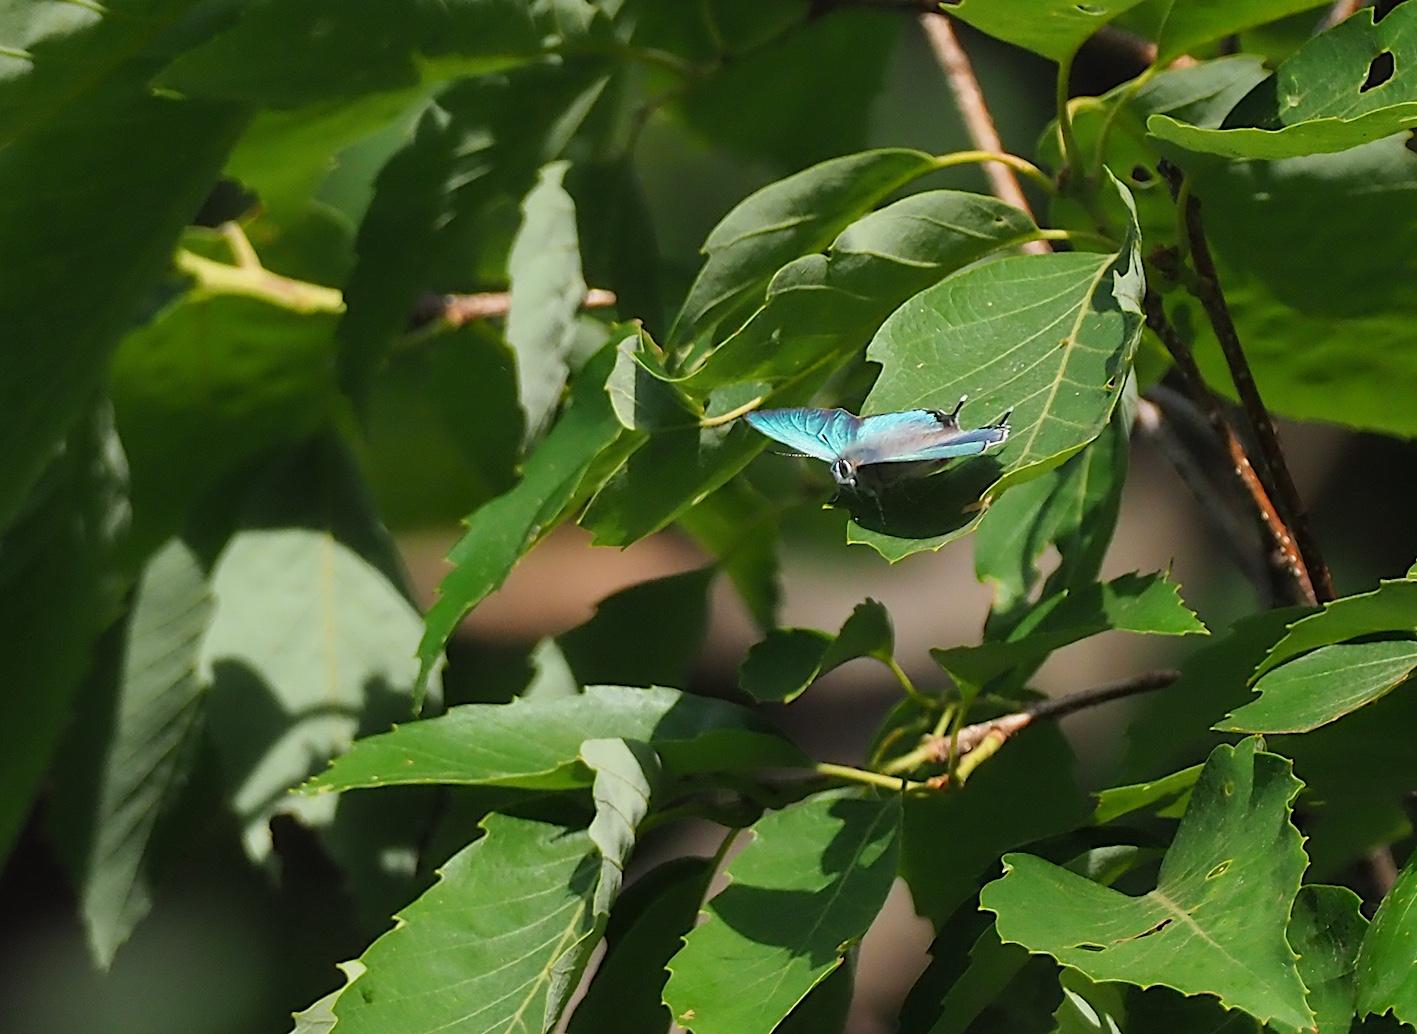 オオミドリシジミの開翅シーン(2019年6月10日)_d0303129_719596.jpg